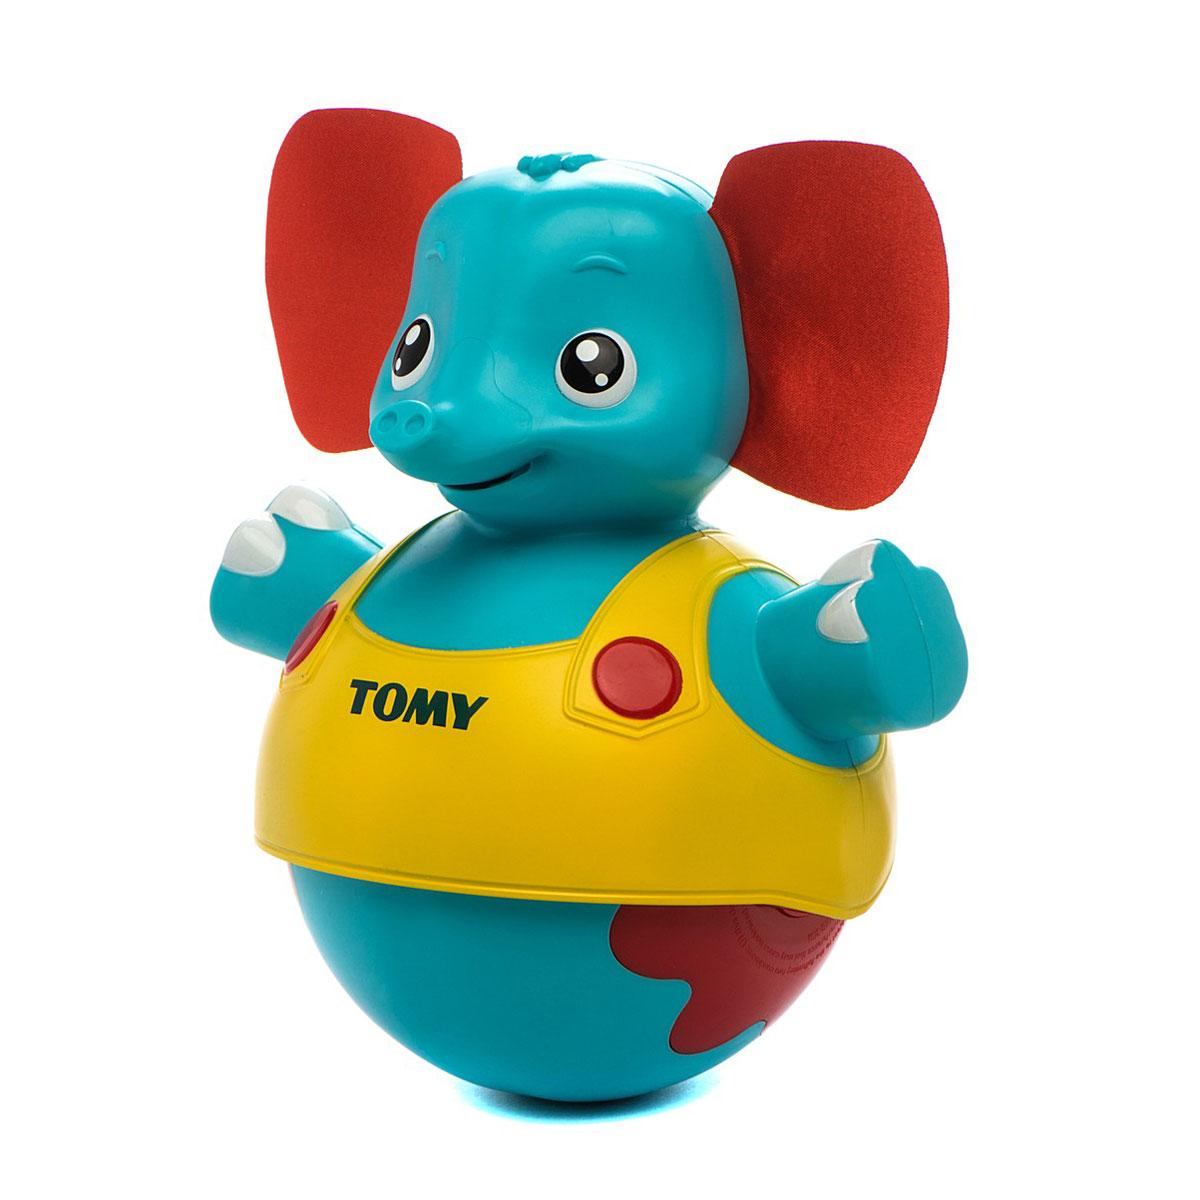 Tomy Развивающая игрушка Слоник учится ходить, озвученнаяE72228RUРазвивающая игрушка Tomy Слоник учится ходить - это забавный слоник-неваляшка с мягкими текстильными ушками и задорной улыбкой, который научит вашего кроху сначала ползать, а потом ходить. У игрушки есть два режима работы. Первый режим подойдет для малыша, который еще не умеет ползать. Если поставить слоника на ровную поверхность и коснуться его головы, он начнет проигрывать музыку и двигаться вперед и назад. Для ребенка, который начал ползать, можно включить второй режим. Теперь слоник будет убегать от малыша, побуждая его двигаться за собой. Рычажок для переключения режимов расположен на задней части игрушки в районе шеи. Слоник-неваляшка изготовлен из прочного цветного пластика, полностью безопасного для детского здоровья. Для работы игрушки необходимы 3 батарейки напряжением 1,5V типа ААА (не входят в комплект).